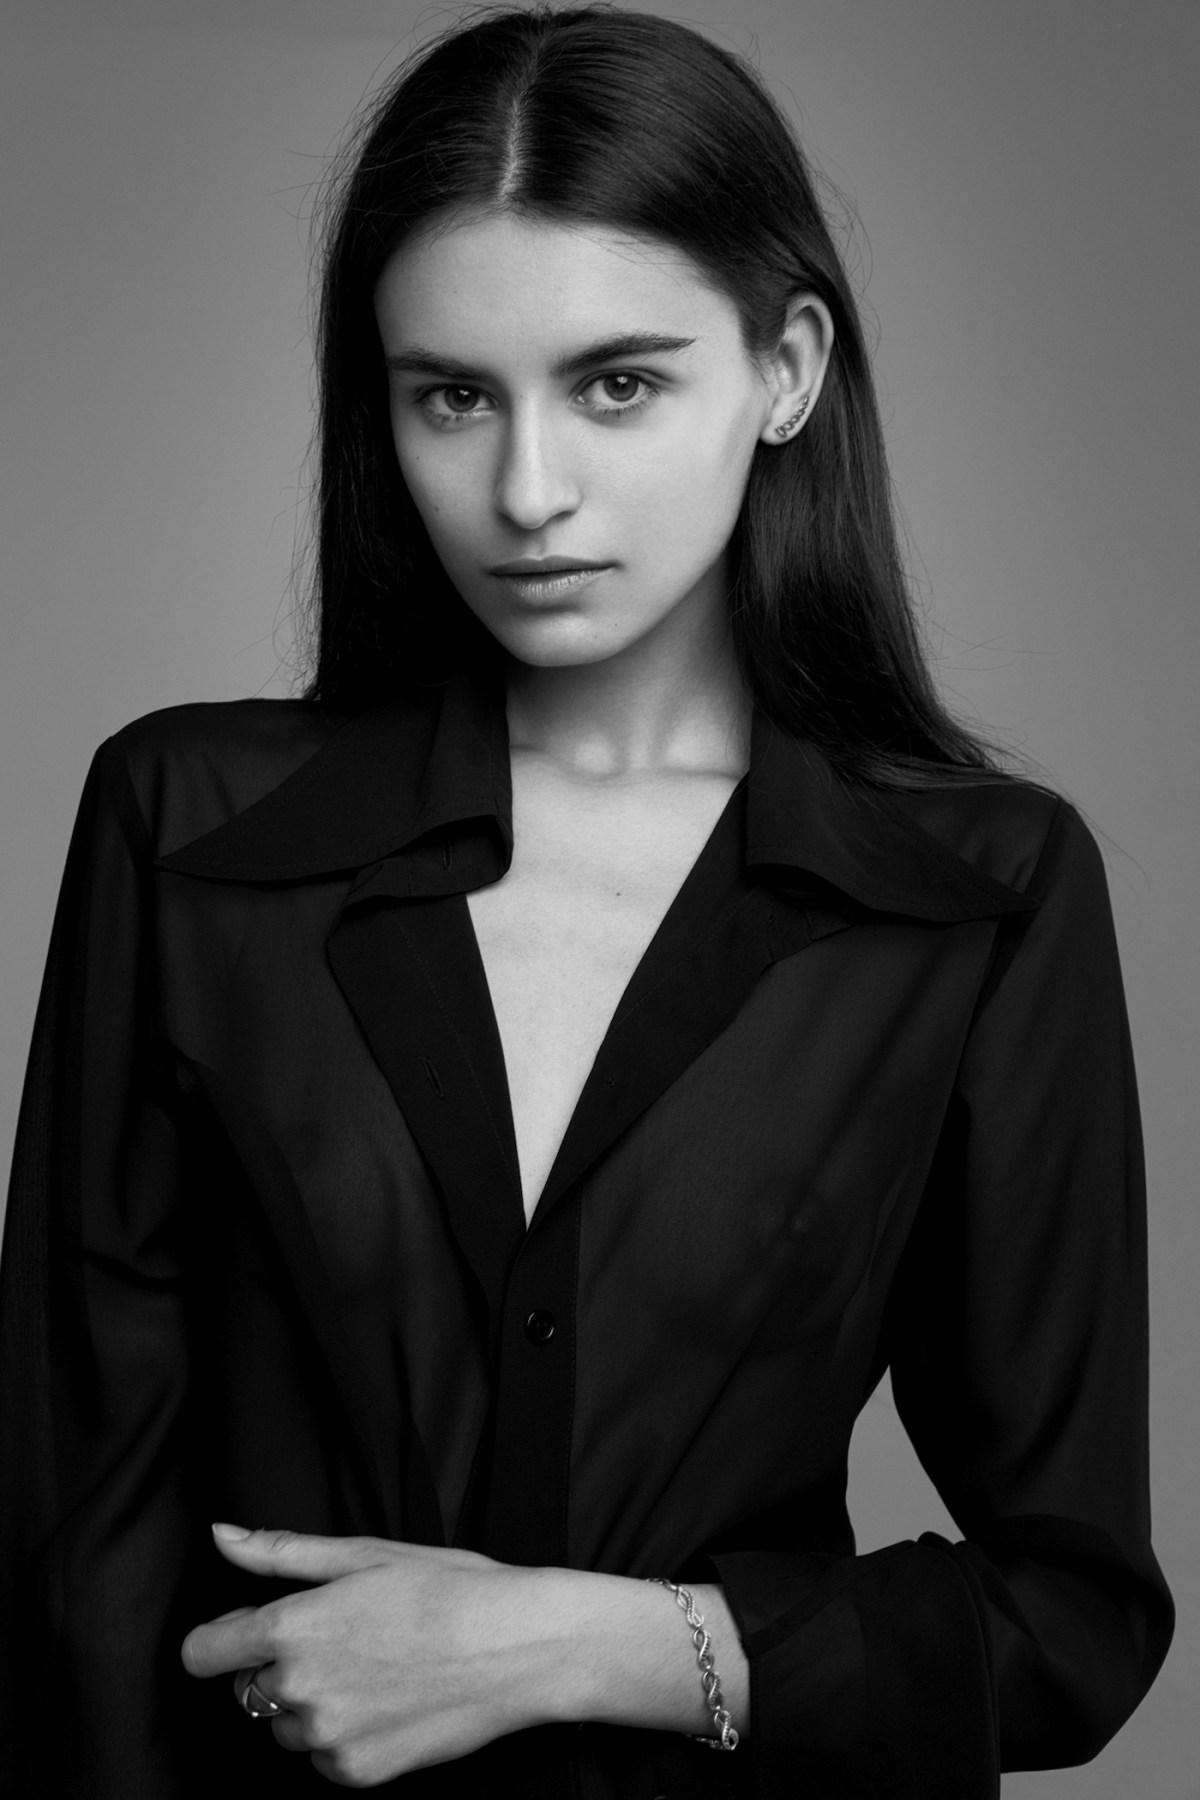 Yulya Shevtsova by Artemy Mostovoy